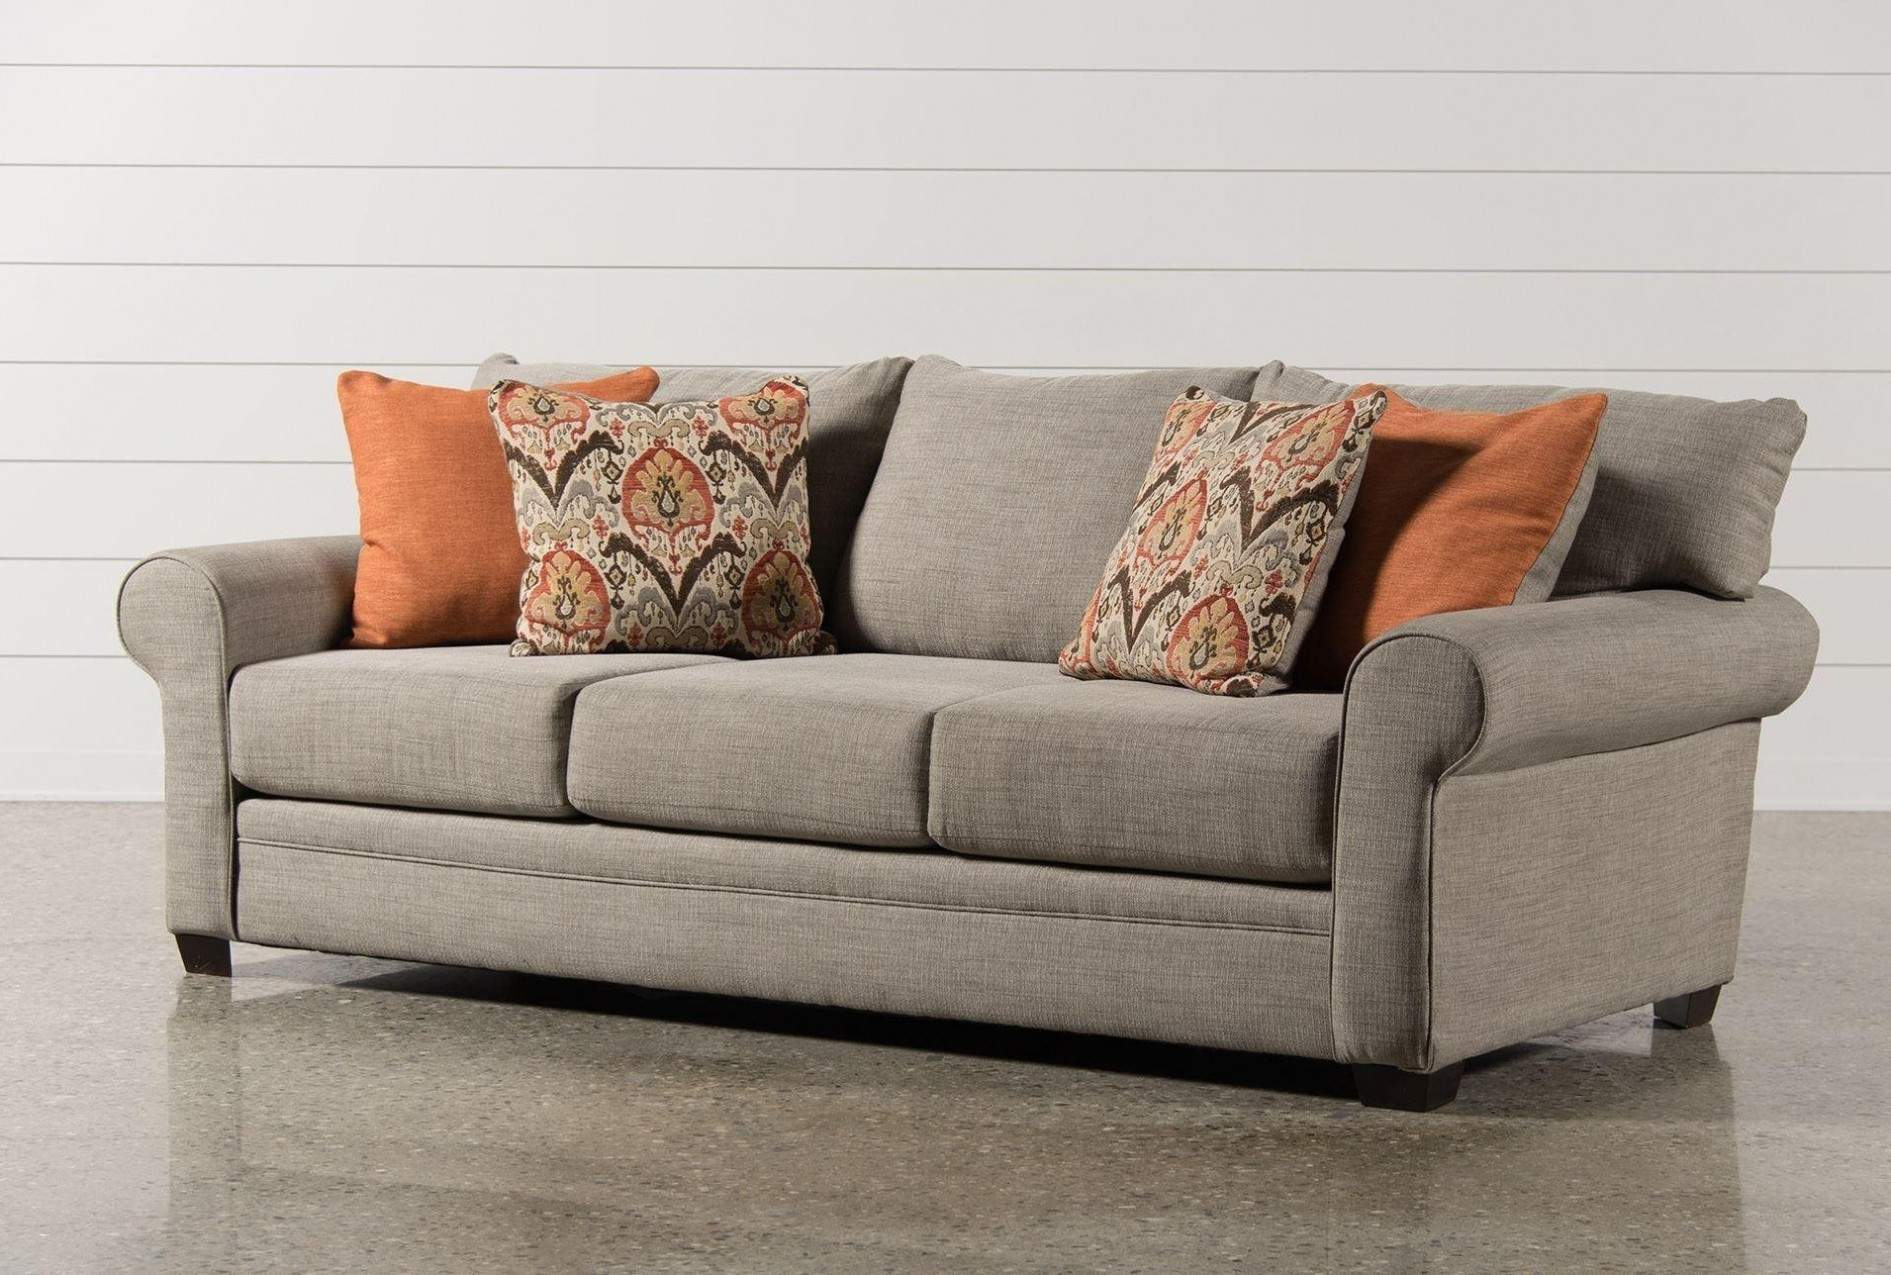 wohnzimmer sofa luxus 28 unique set pillows of wohnzimmer sofa